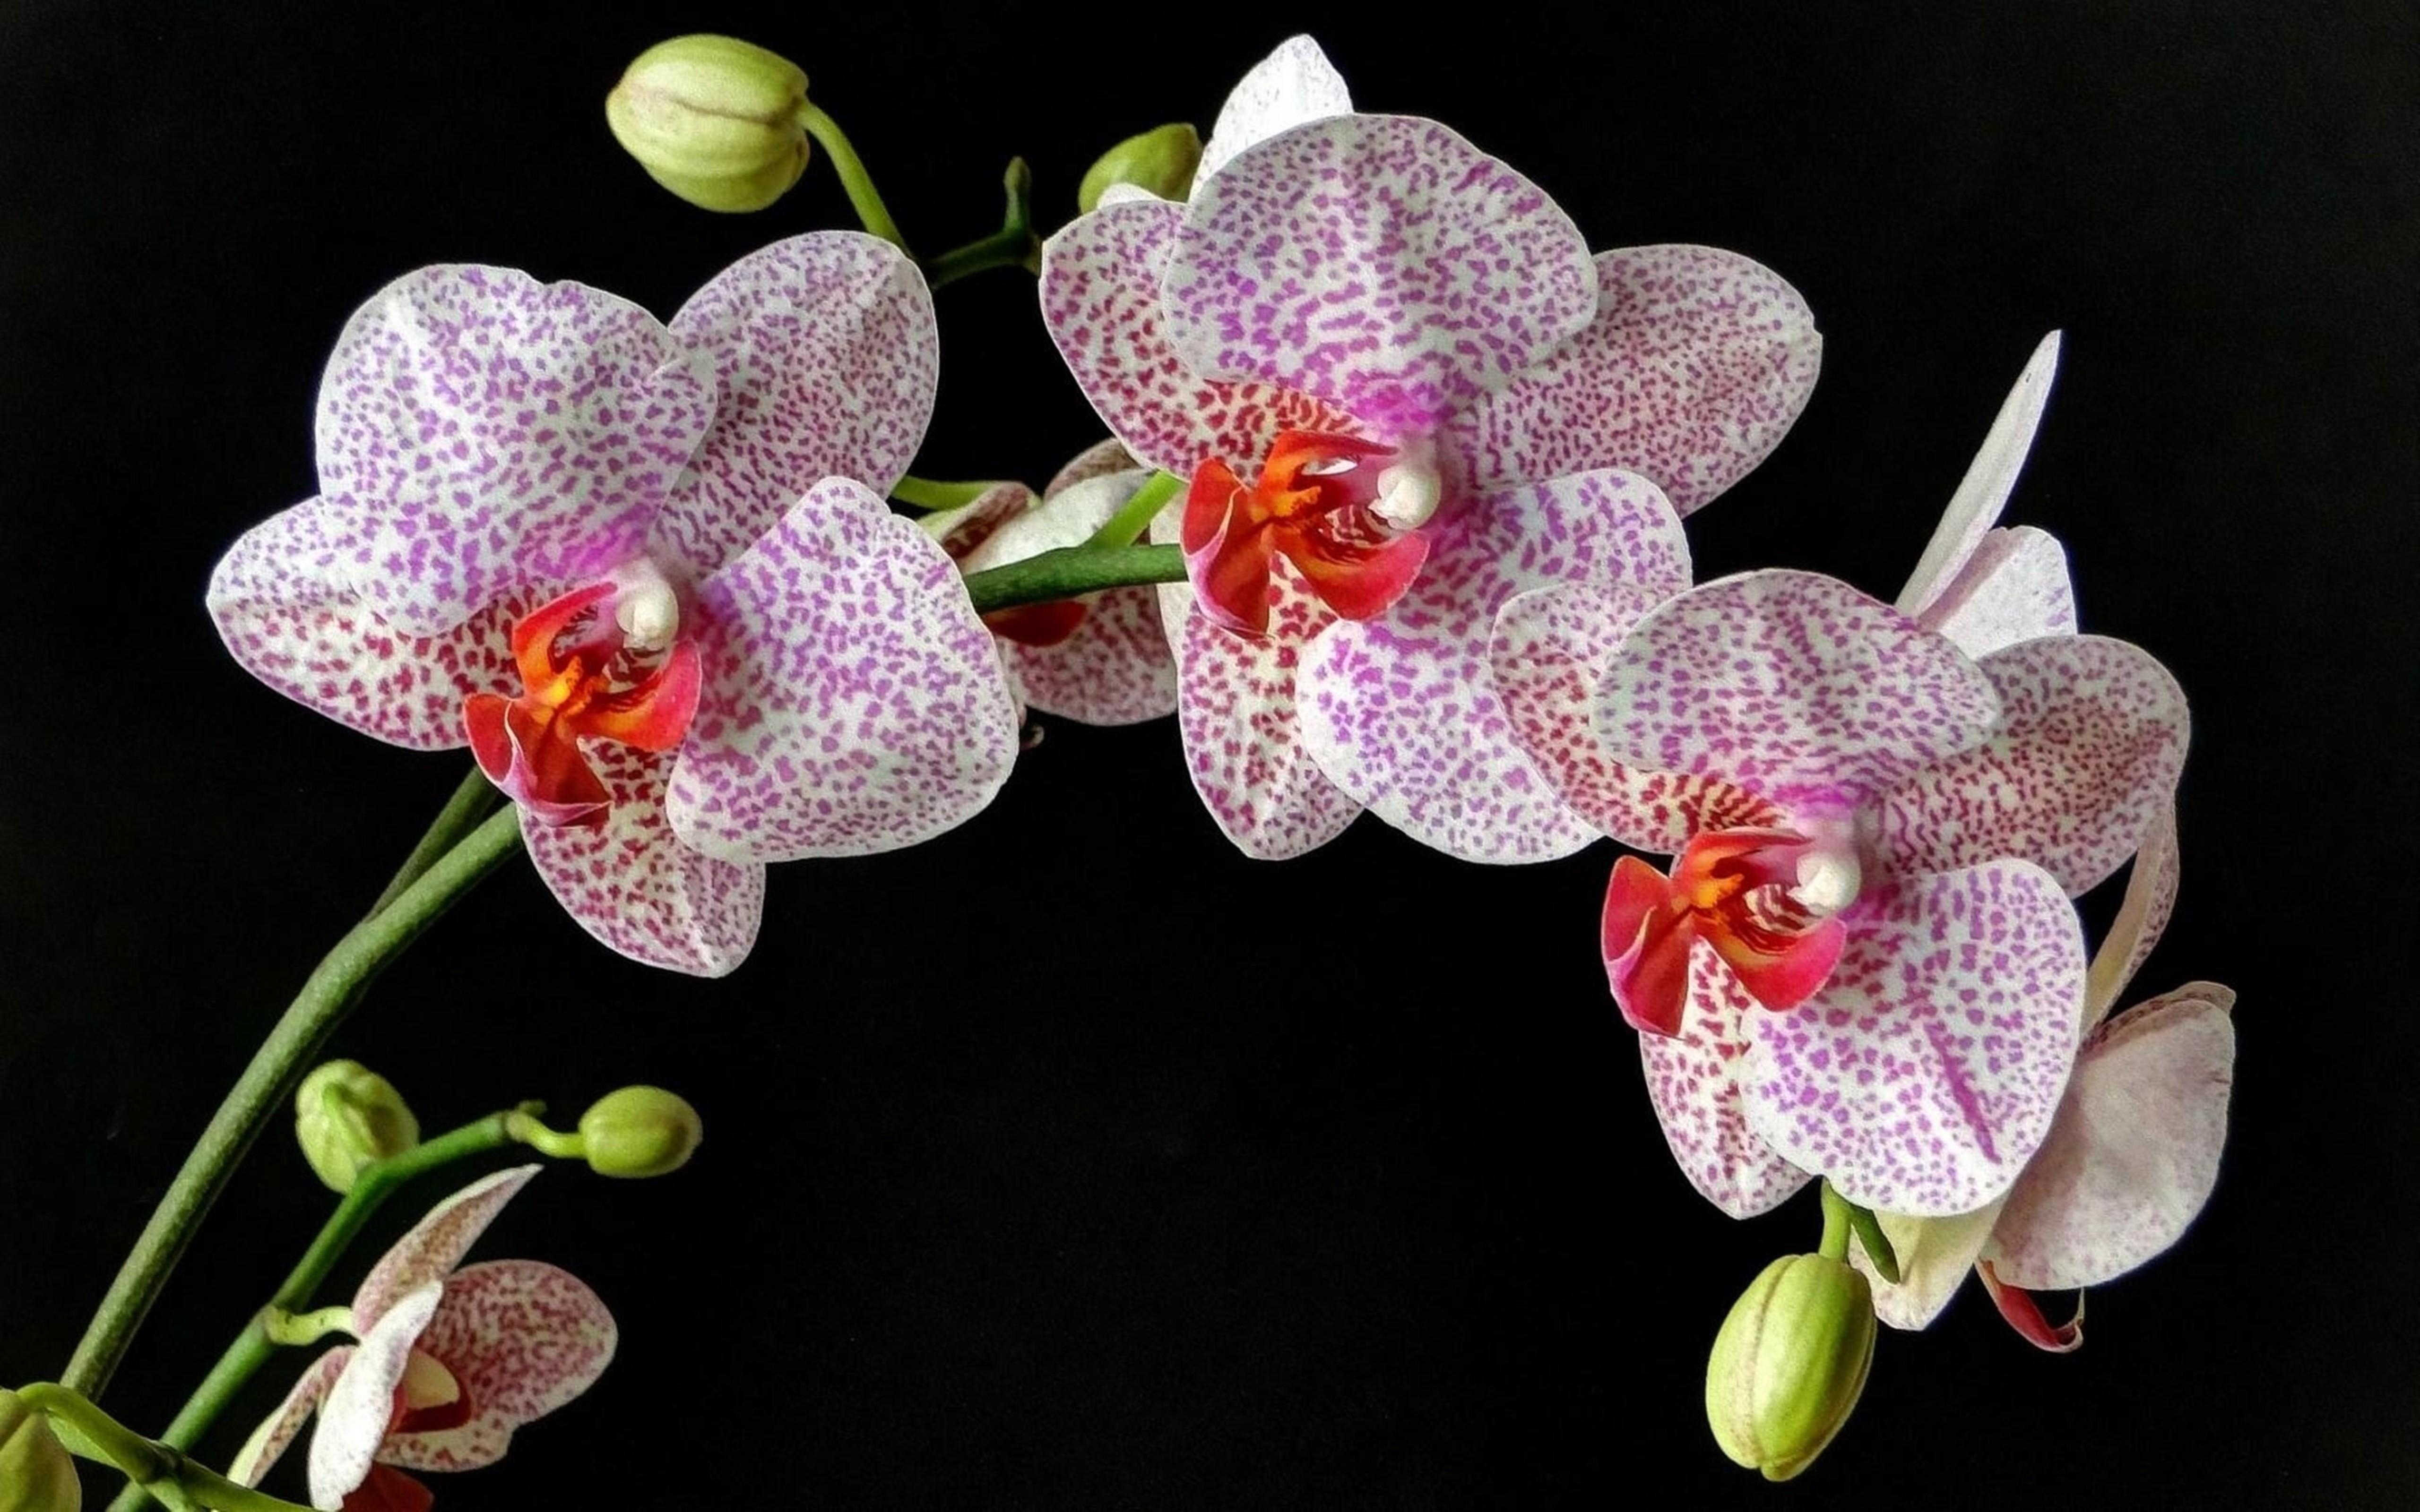 фото орхидей на черном фоне высокого качества ним